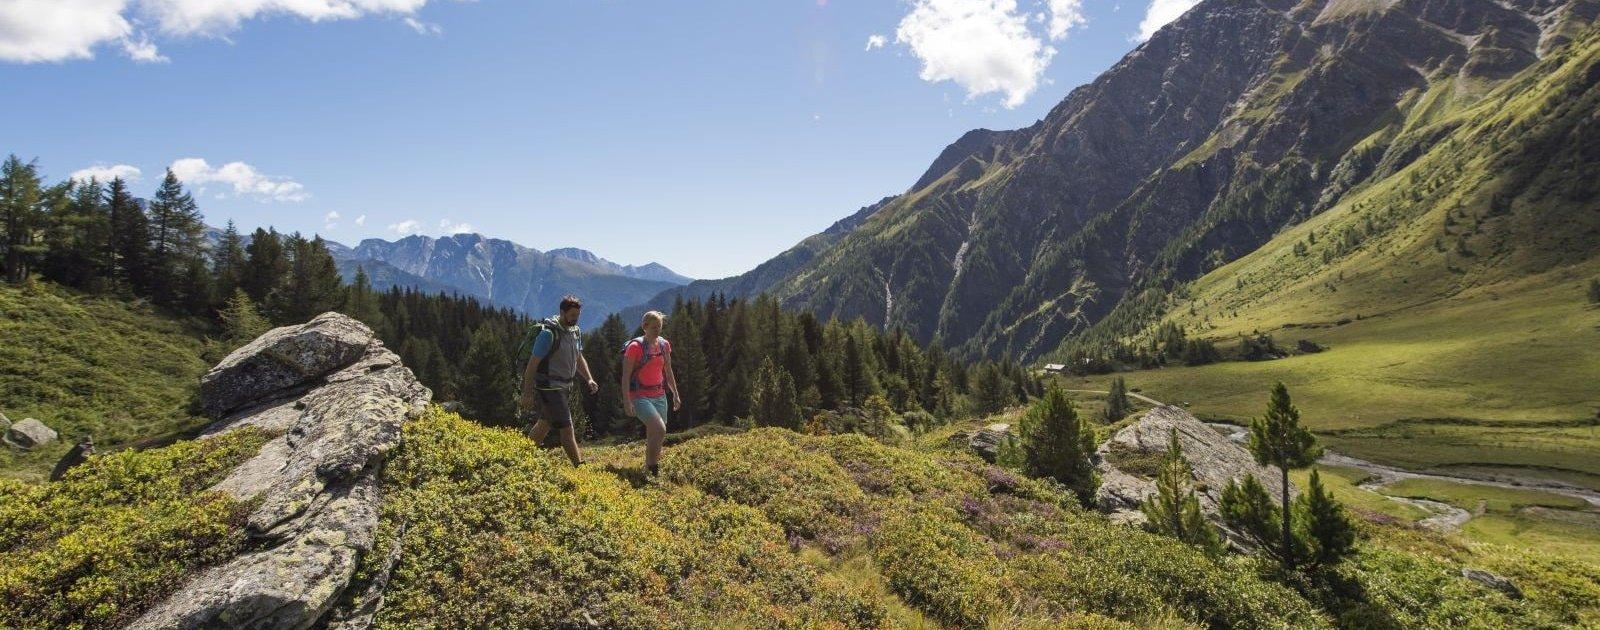 Wandern in Mallnitz (c) Franz Gerdl